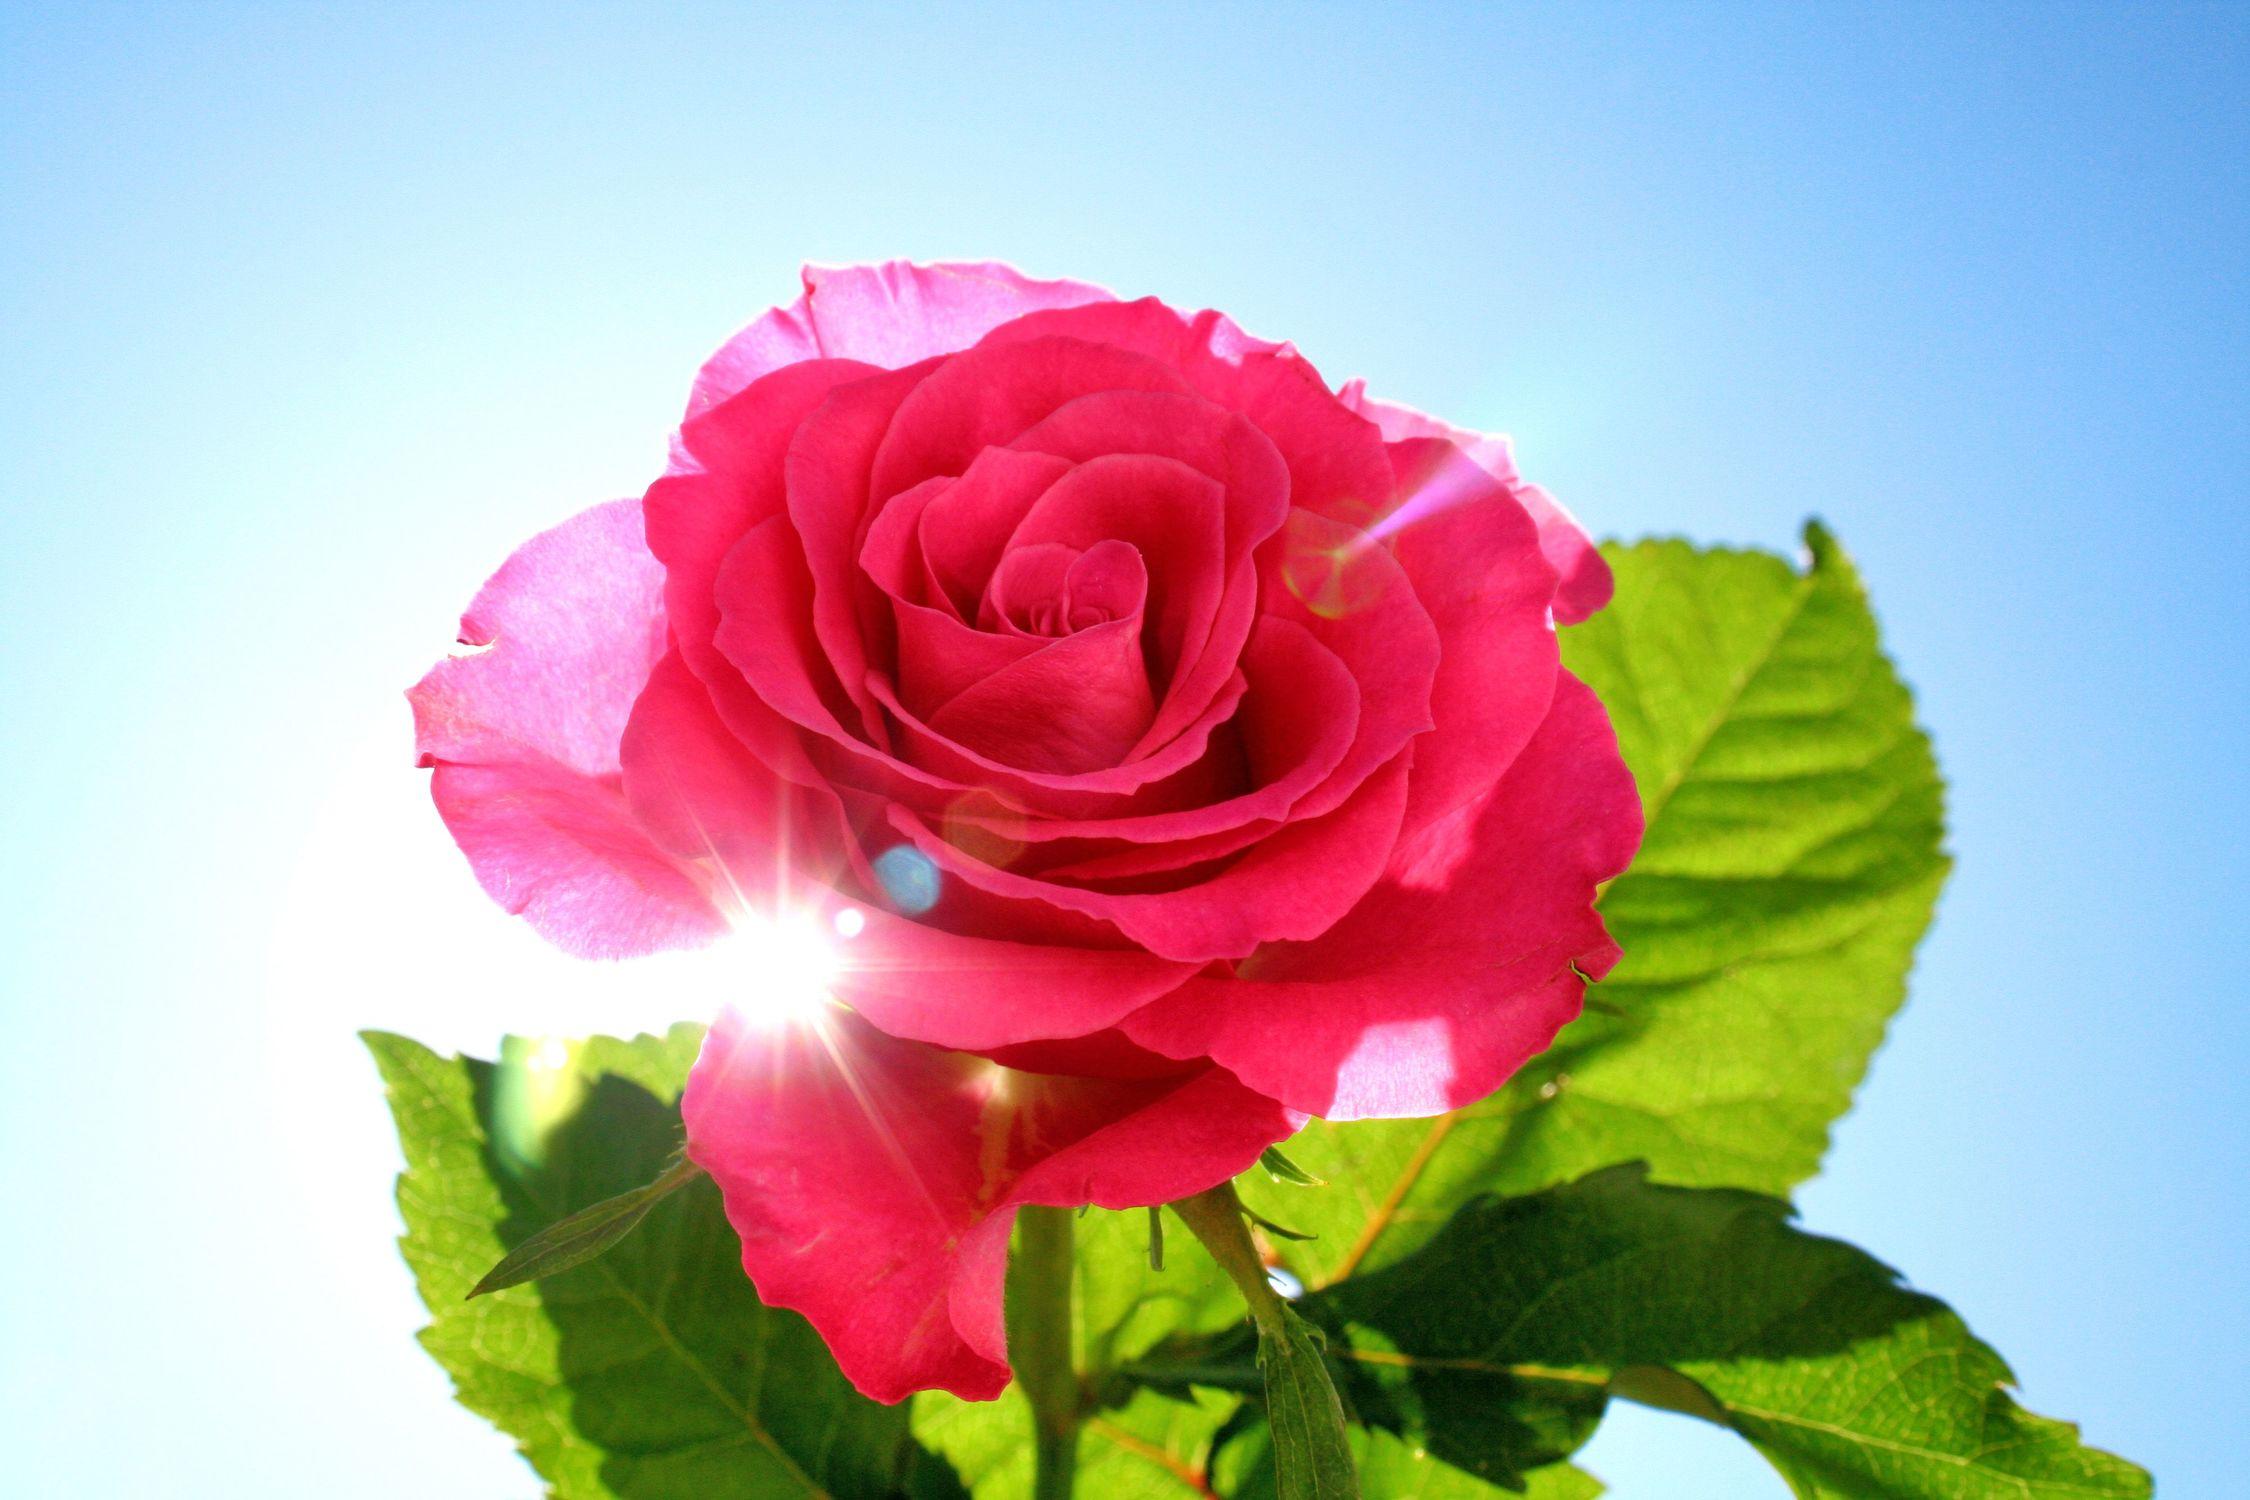 Bild mit Farben, Natur, Grün, Pflanzen, Blumen, Blumen, Rosa, Rot, Rosen, Blau, Kamelien, Blume, Pflanze, Rose, Roses, rote Rose, Gegenlicht, Flower, Flowers, red Rose, osaceae